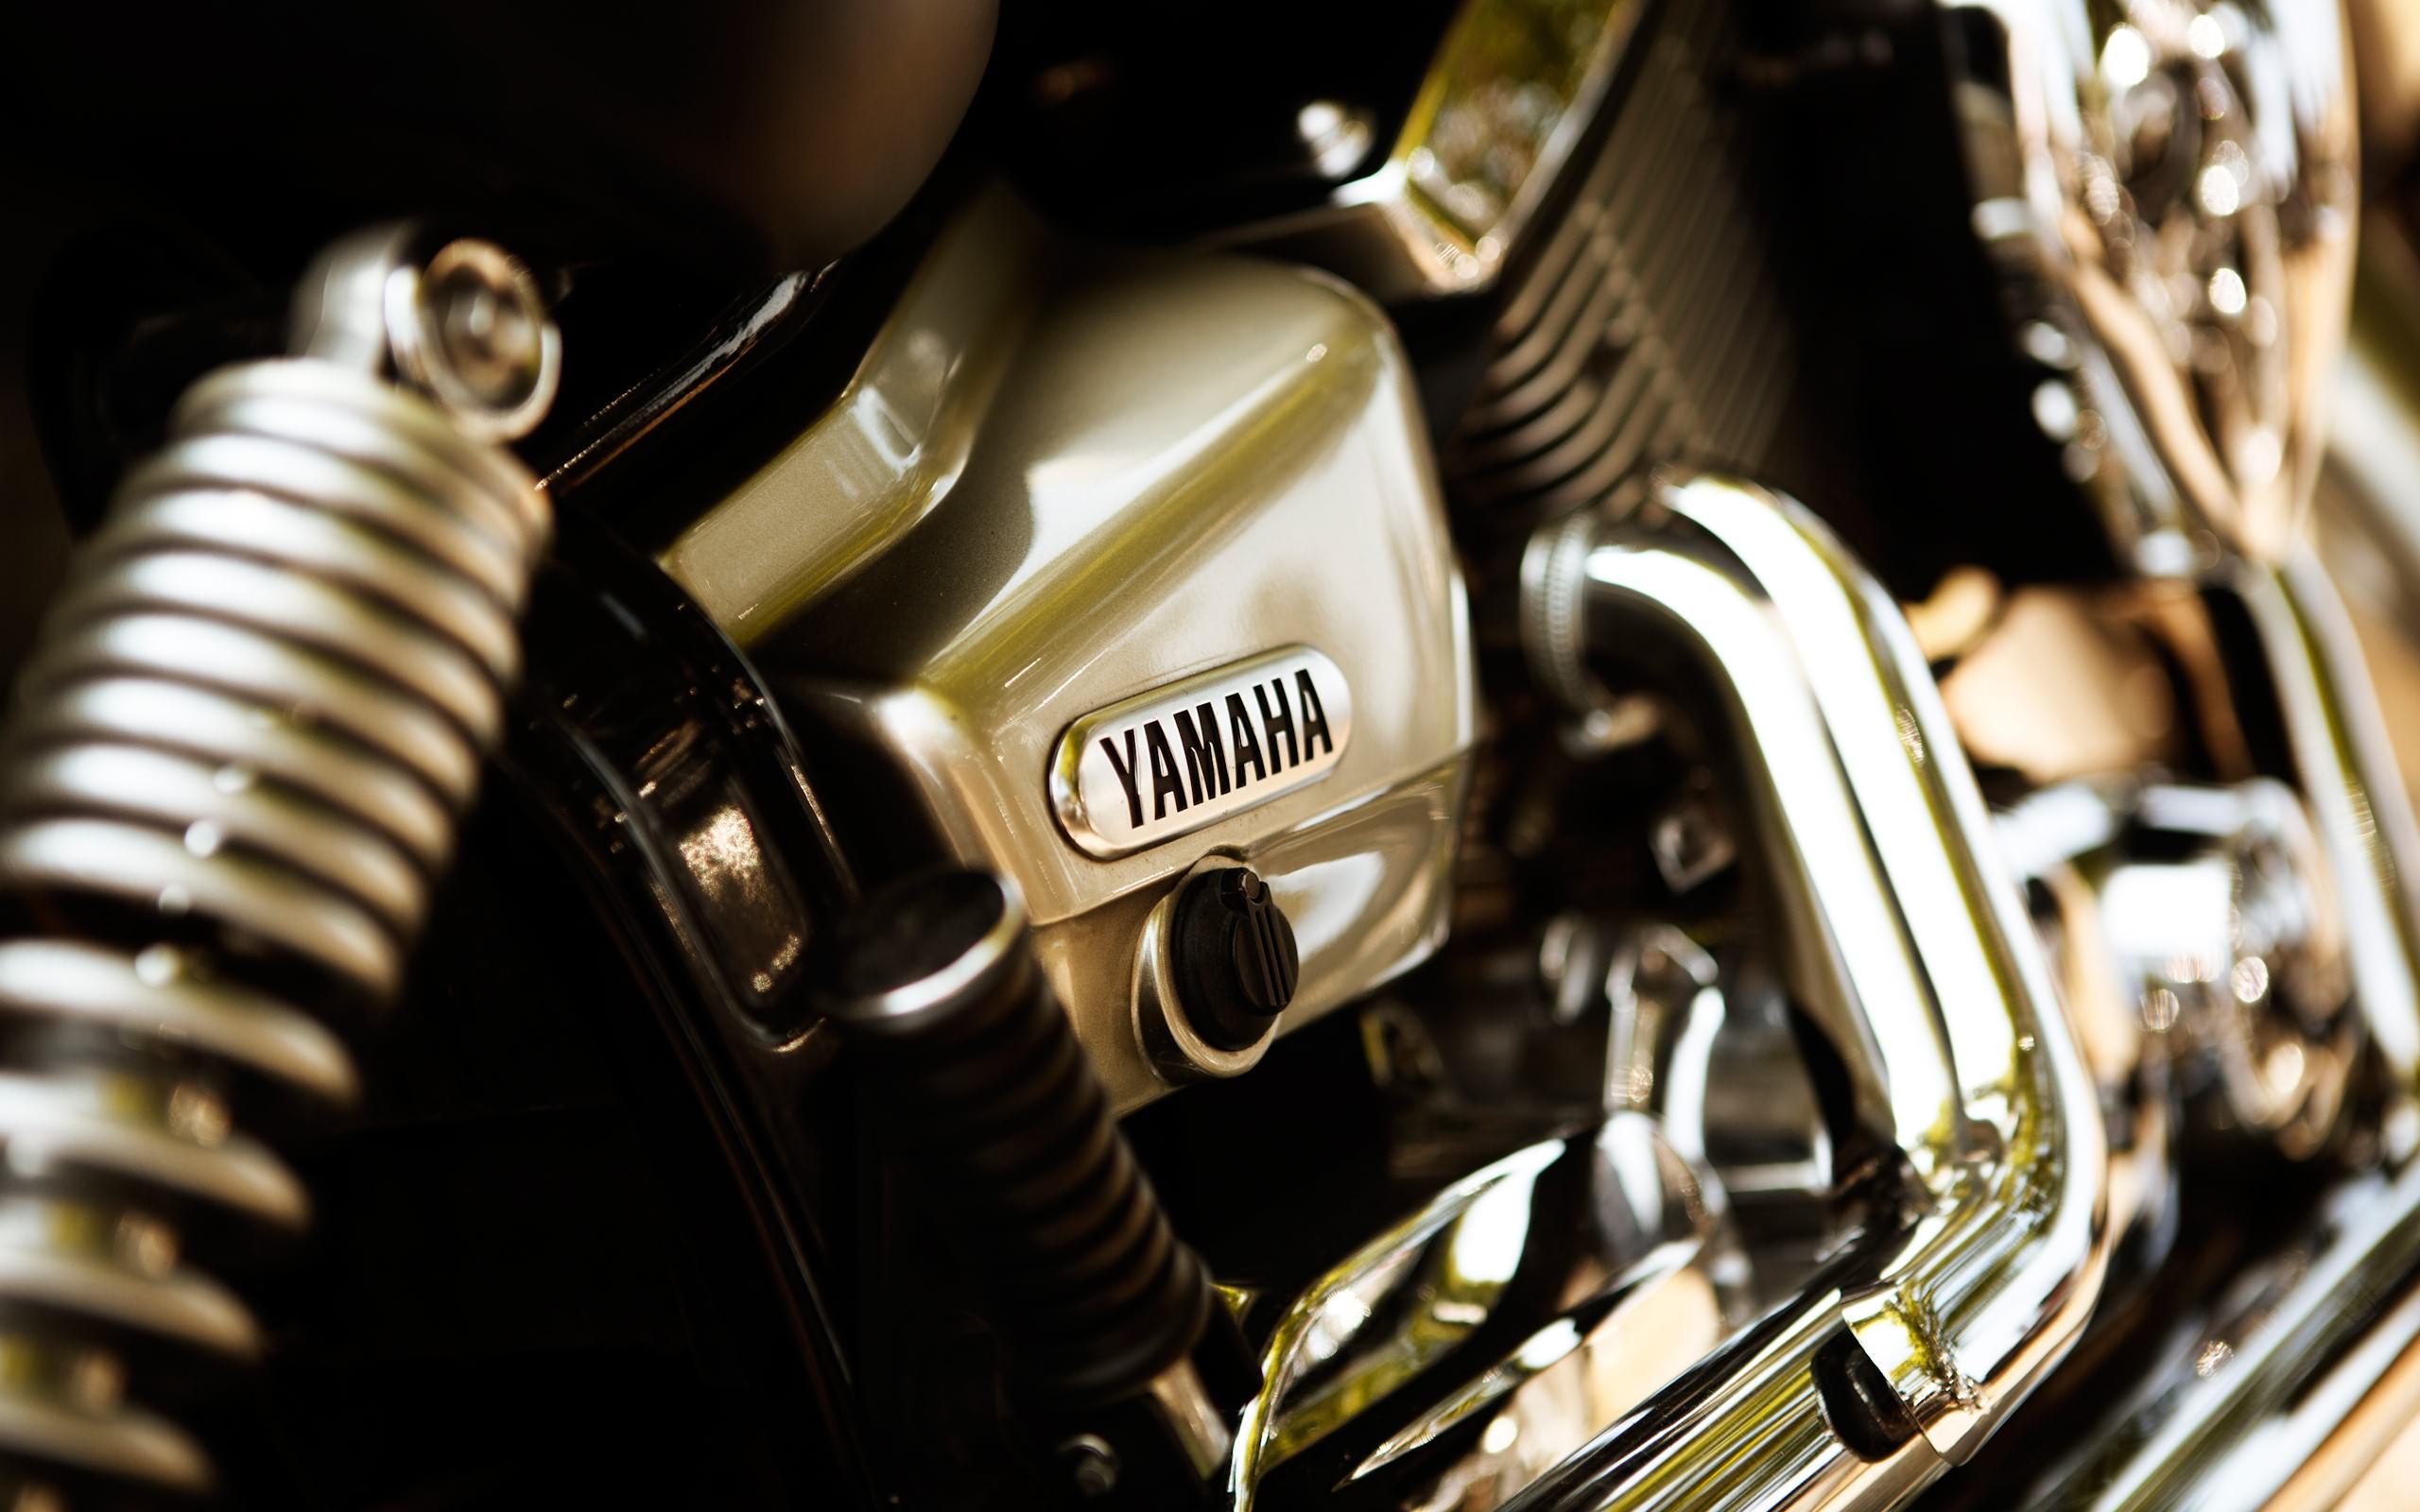 двигатель, выхлопная, амартизатор